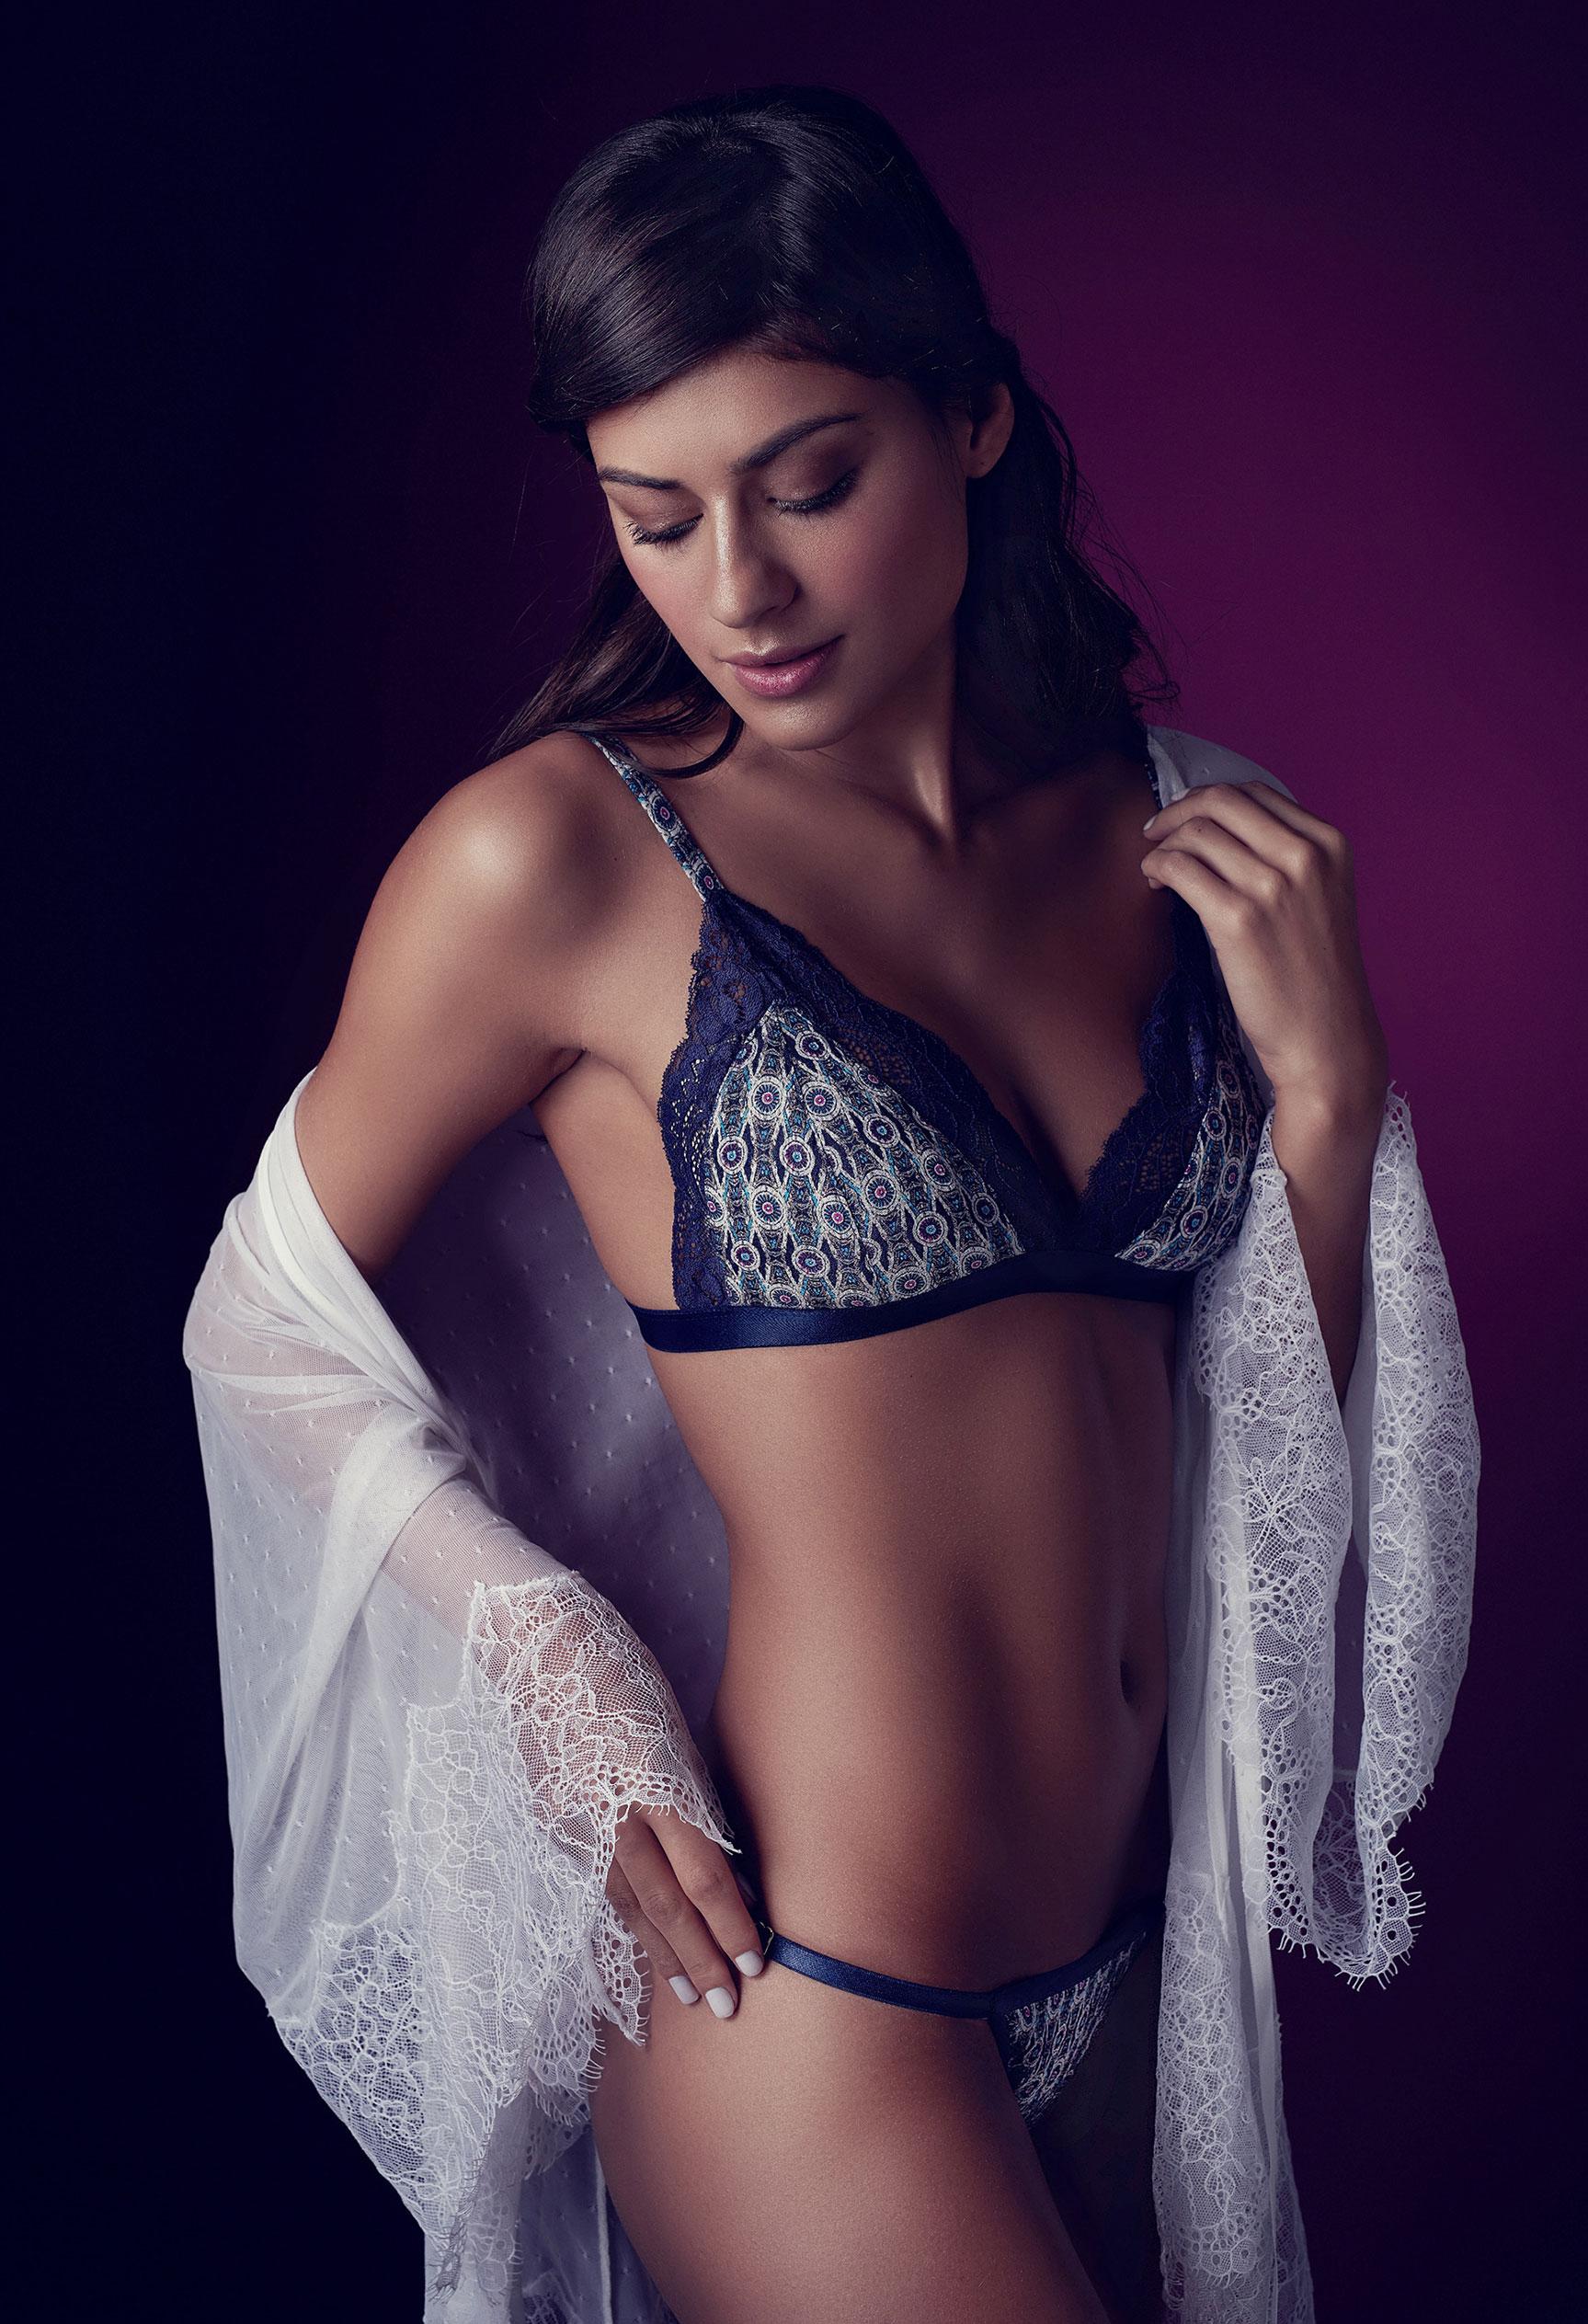 Талита Пирез в нижнем белье Agua Fresca / фото 06